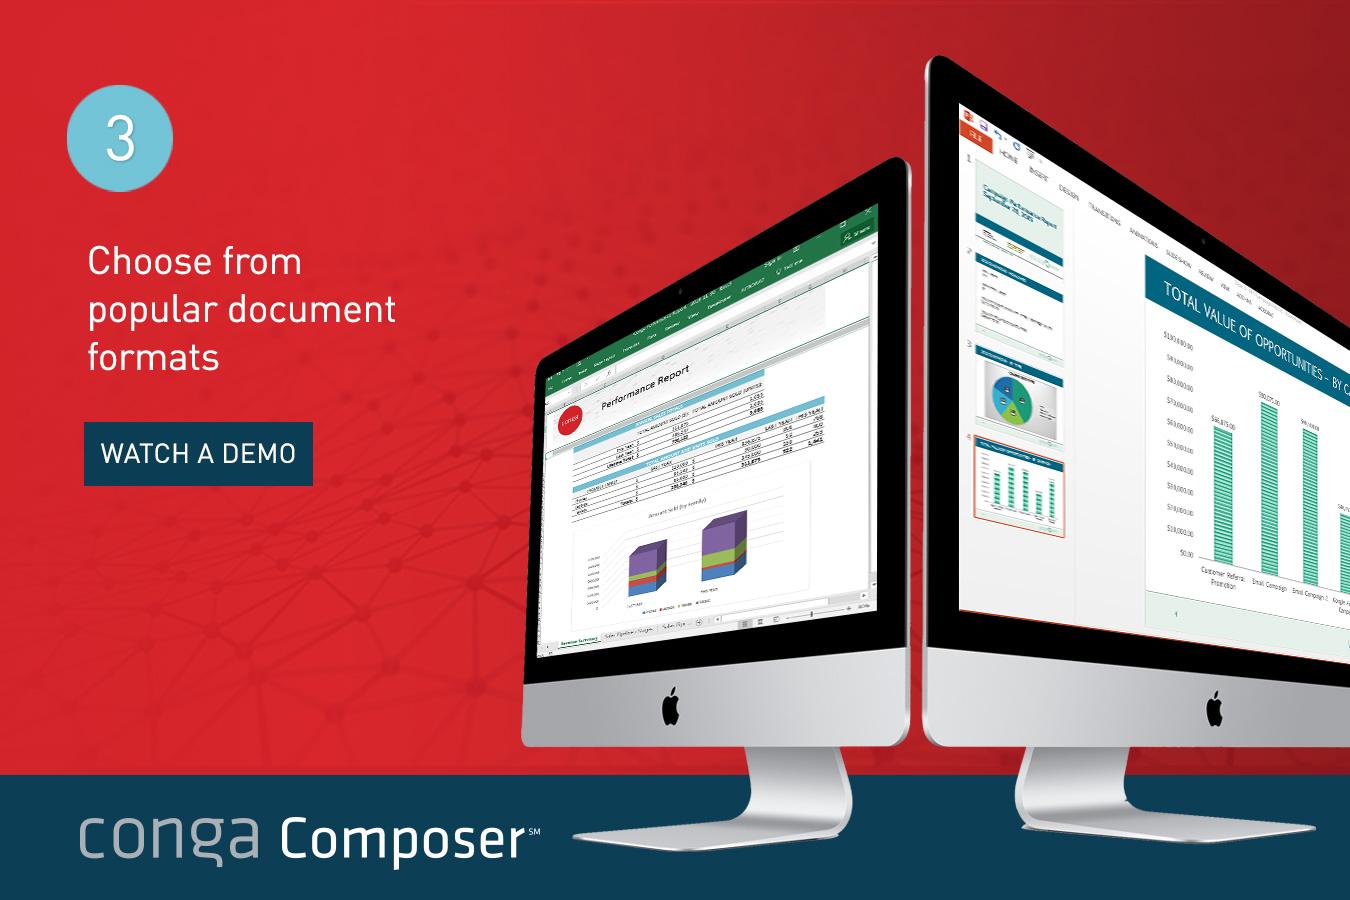 Conga Composer Demo - Popular document formats